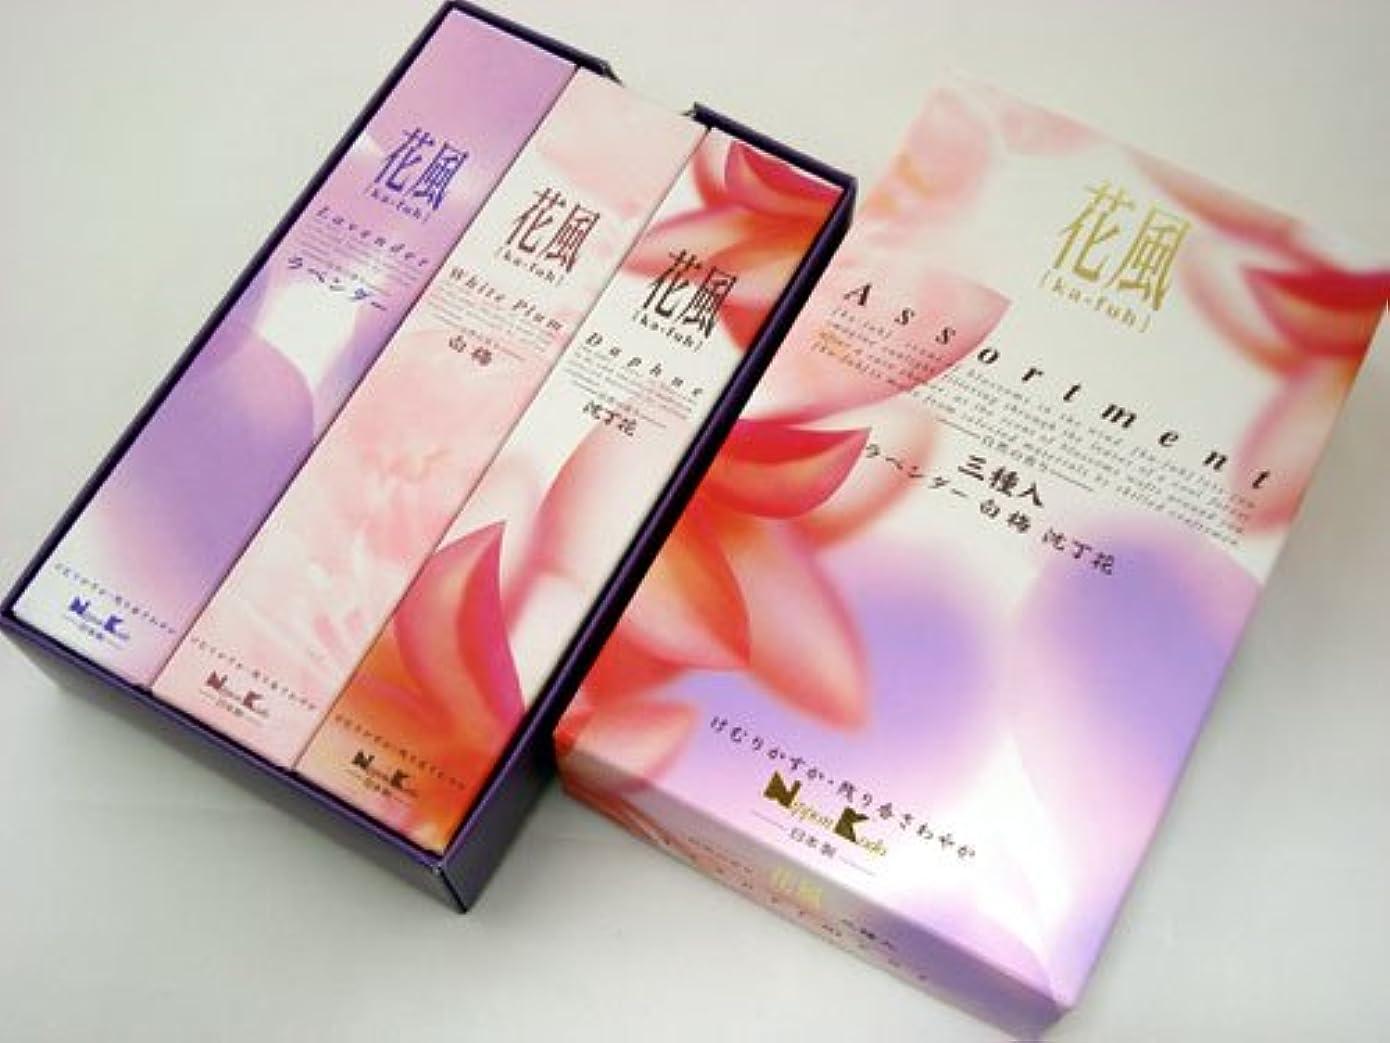 余剰適応する霧深い日本香堂 微煙線香【花風(かふう)三種入】 大箱